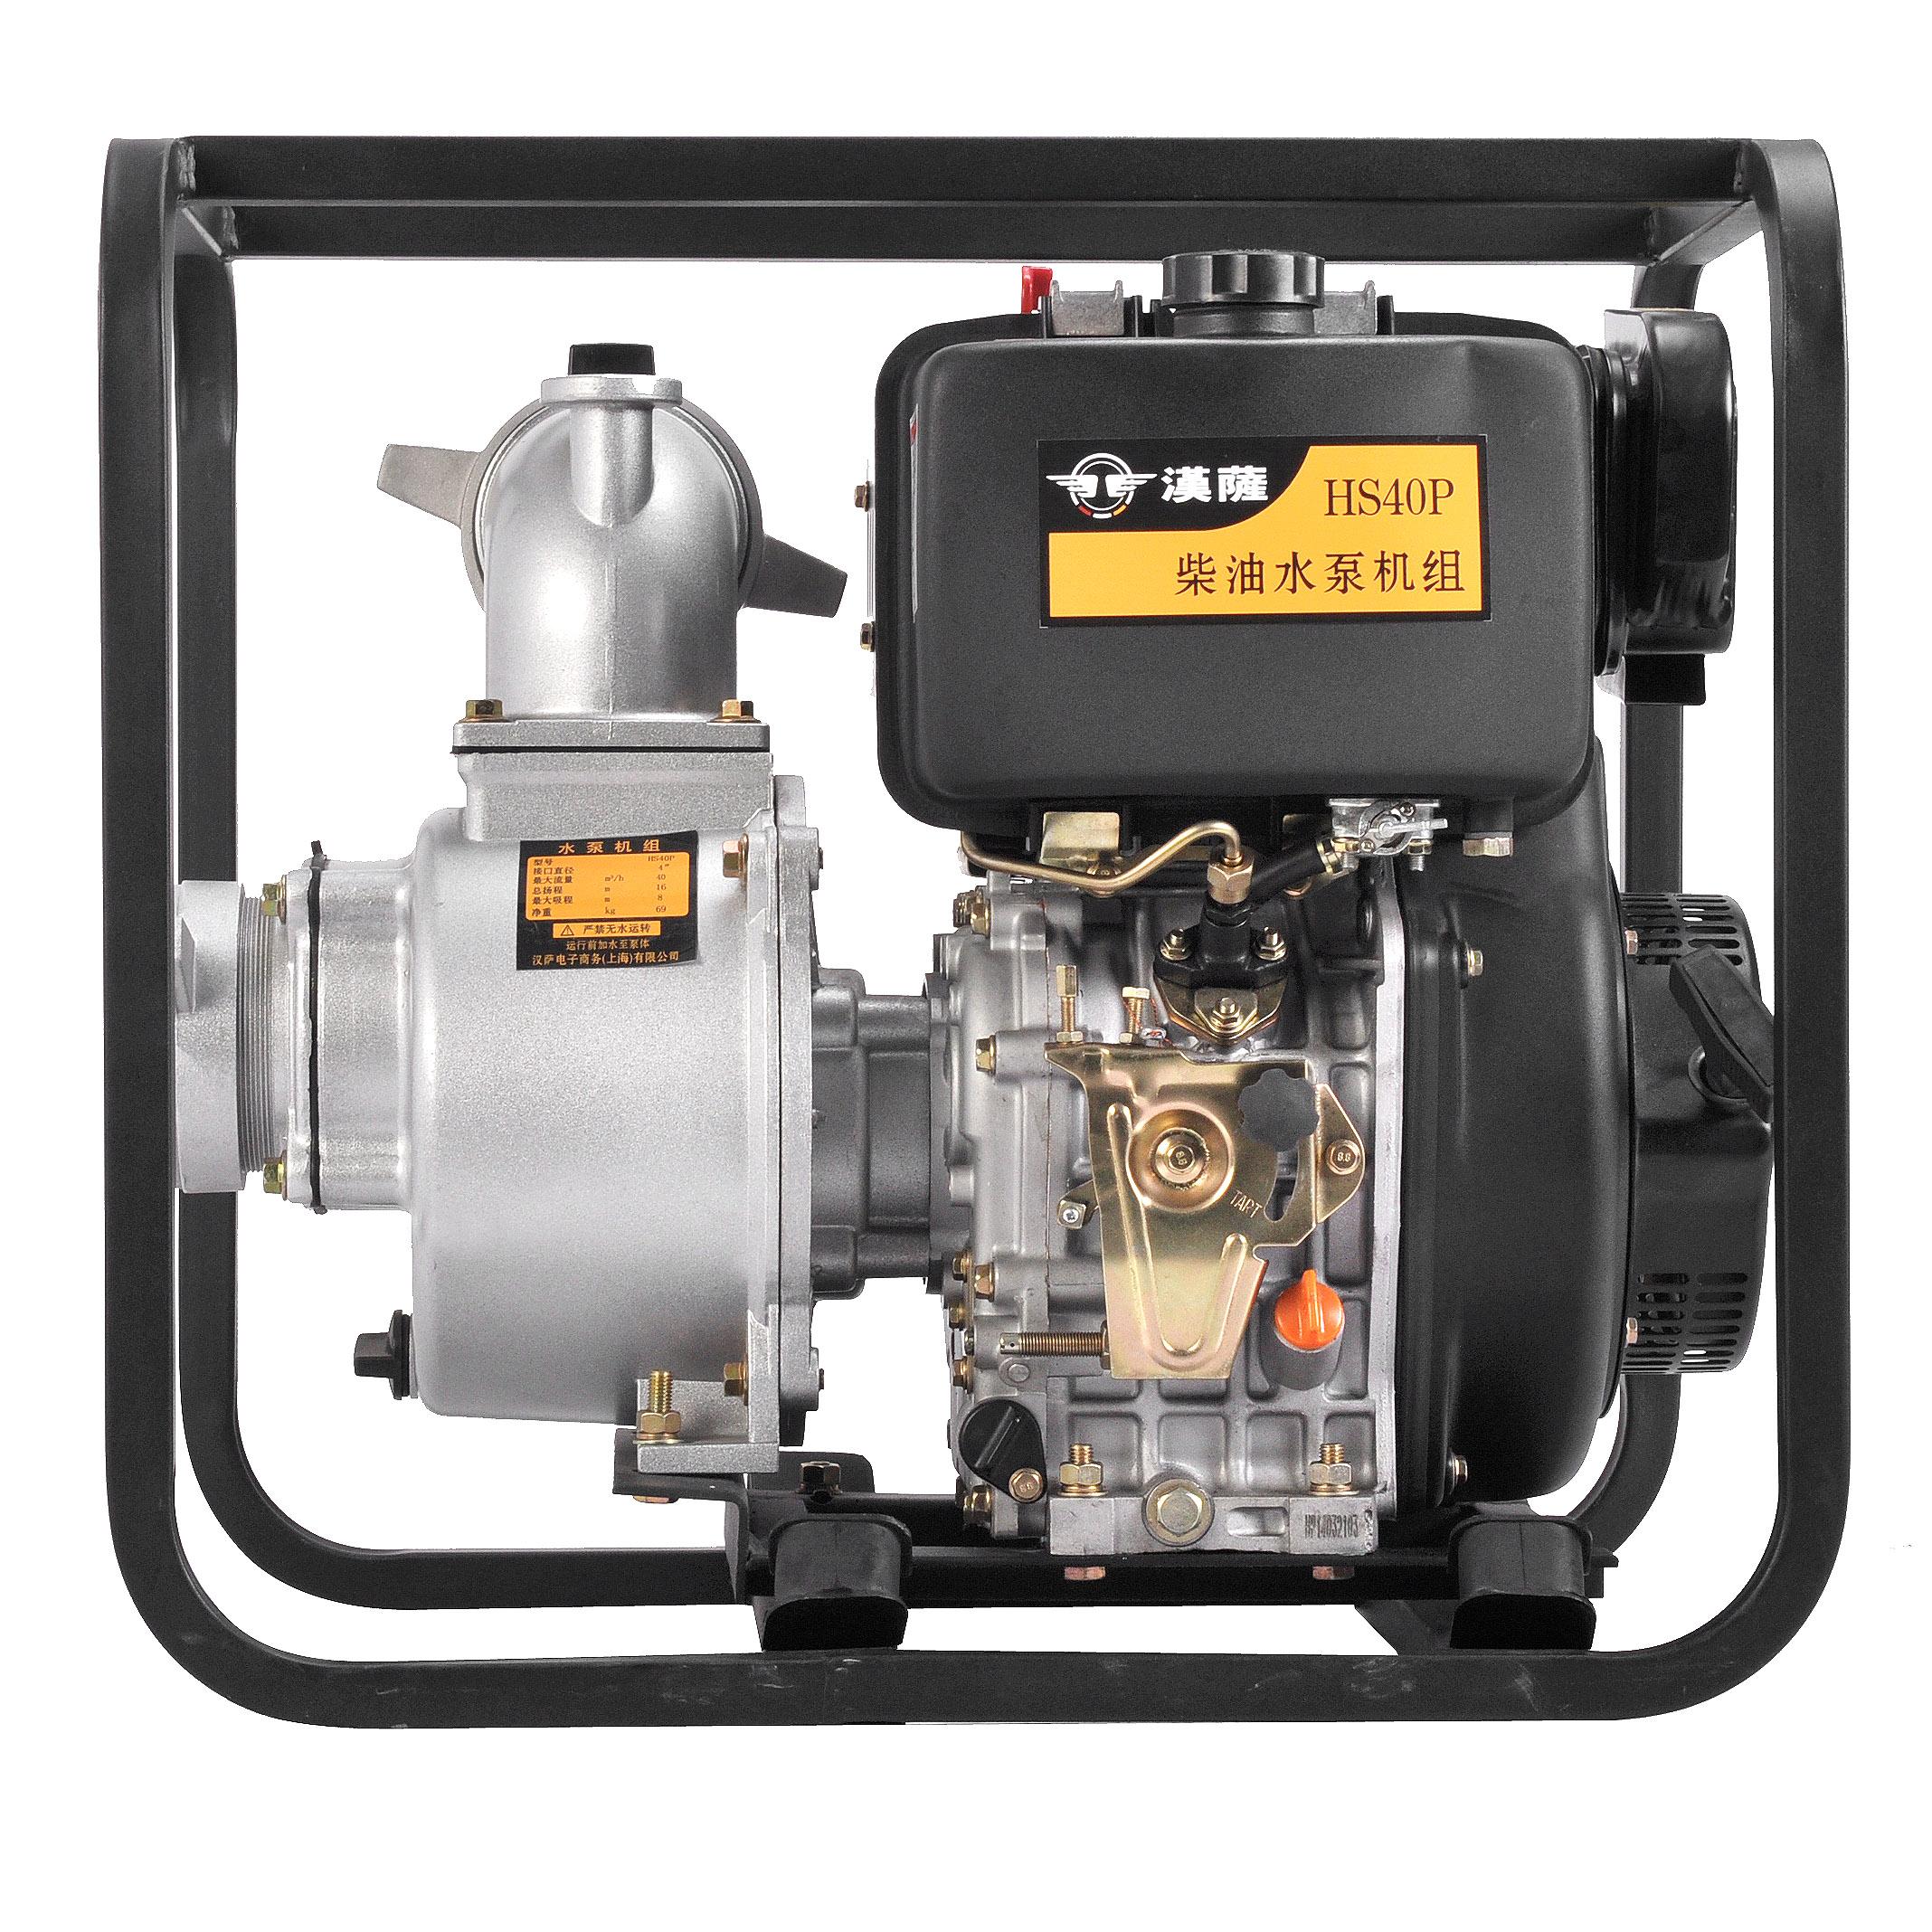 4寸柴油水泵价格——HS40P